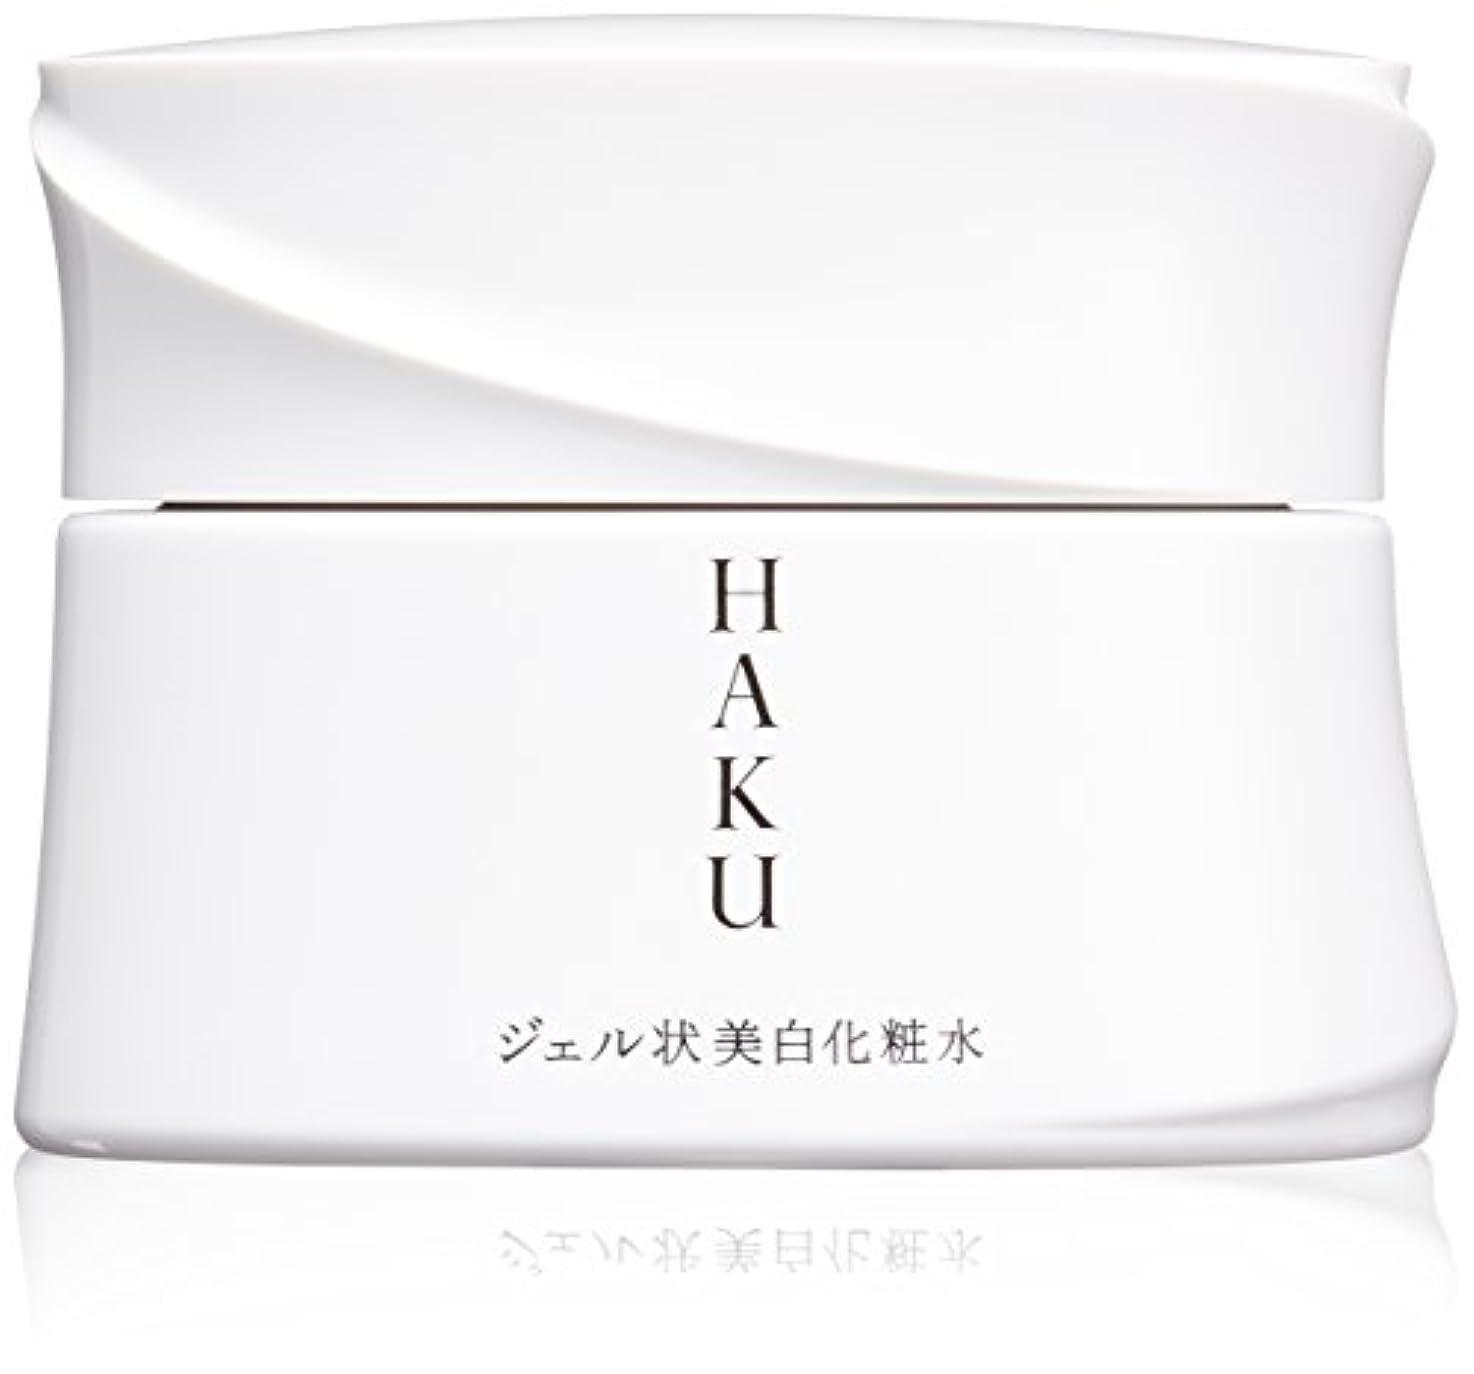 本拍手する踏みつけHAKU メラノディープモイスチャー 美白化粧水 100g 【医薬部外品】